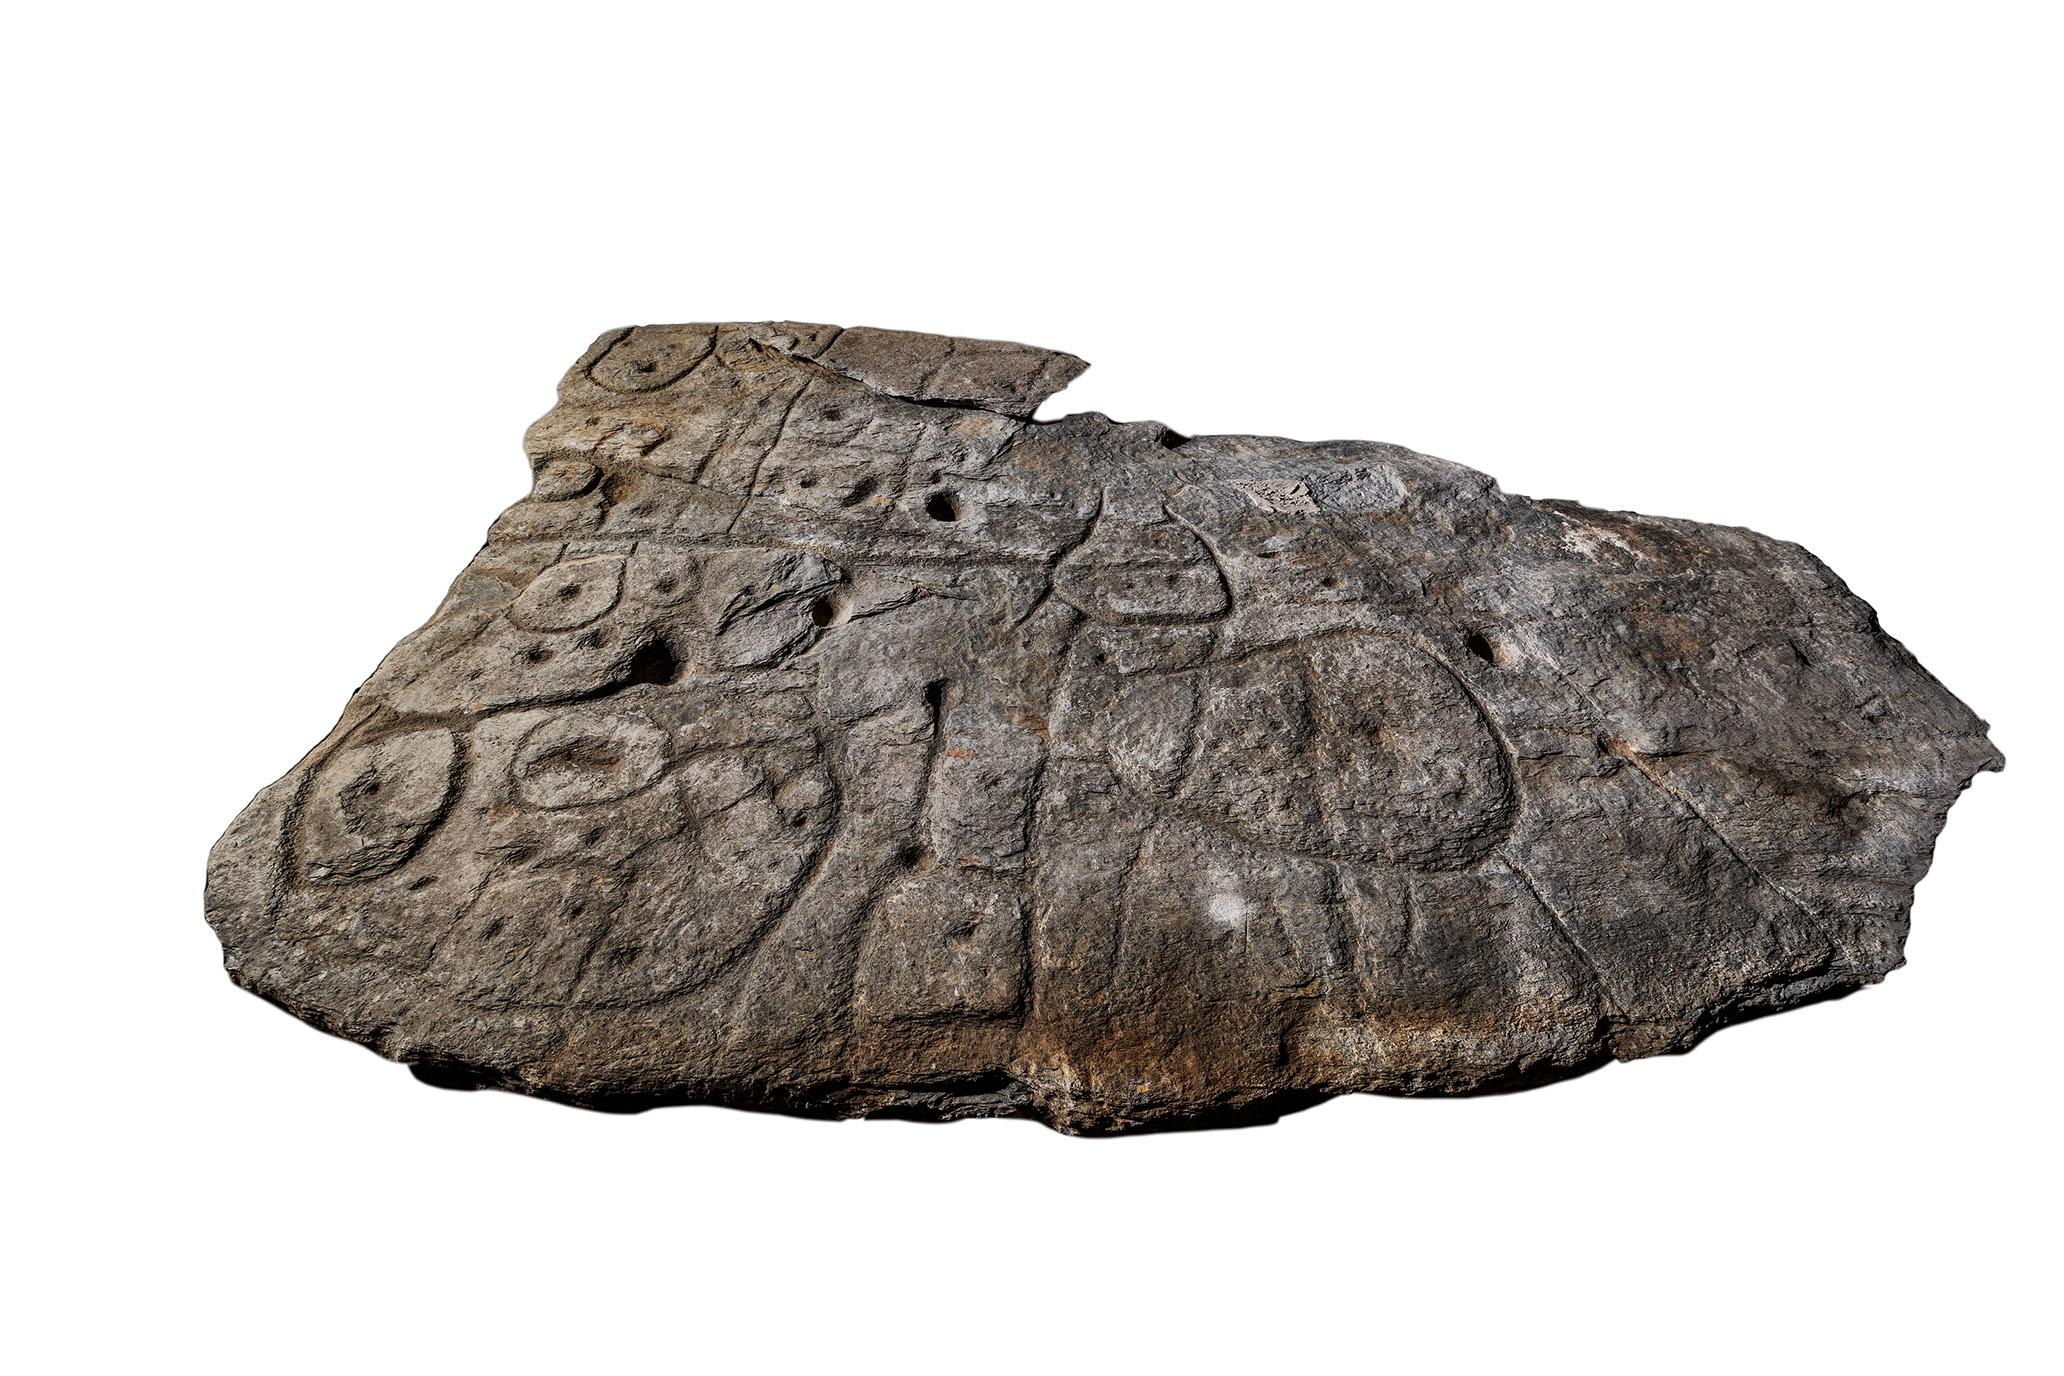 Saint-Bélec-Platte: Archäologen (wieder-)entdecken eine der ältesten Karten Europas